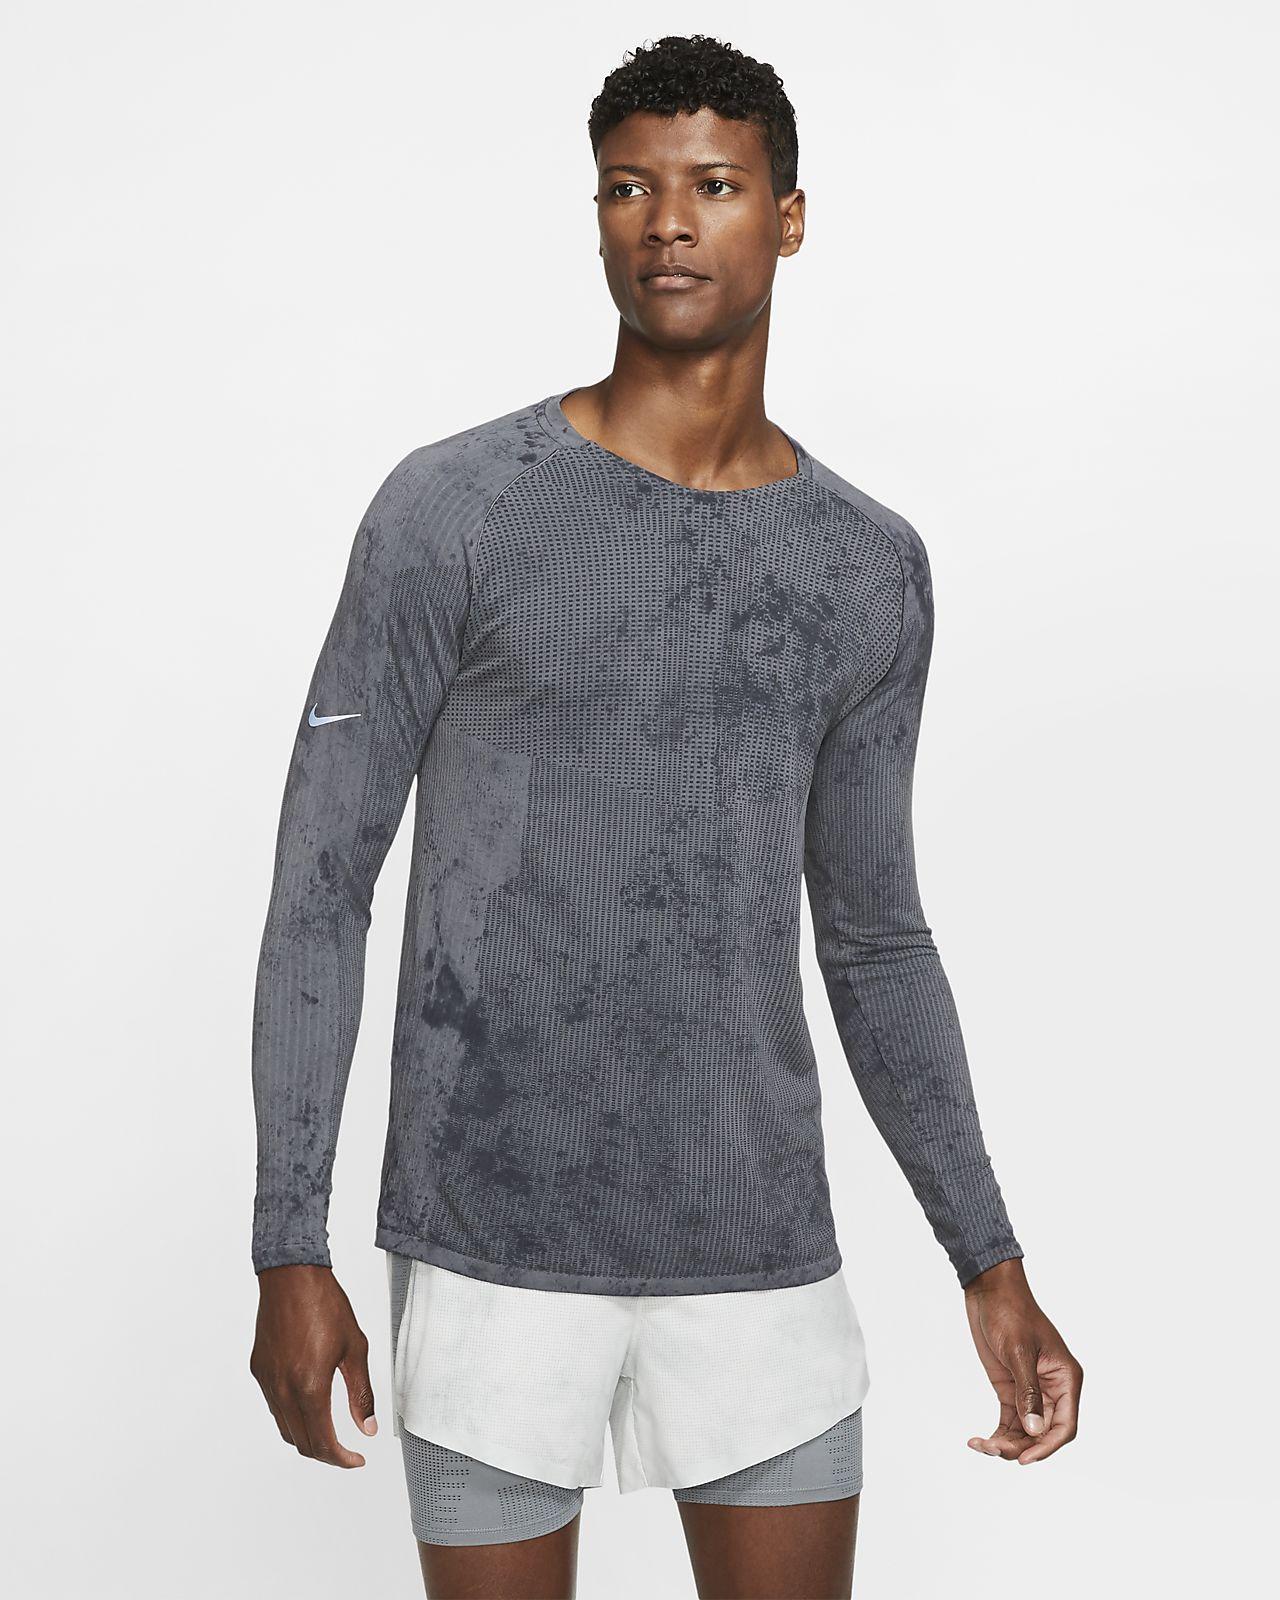 Prenda para la prte superior de manga larga para hombre Nike Tech Pack